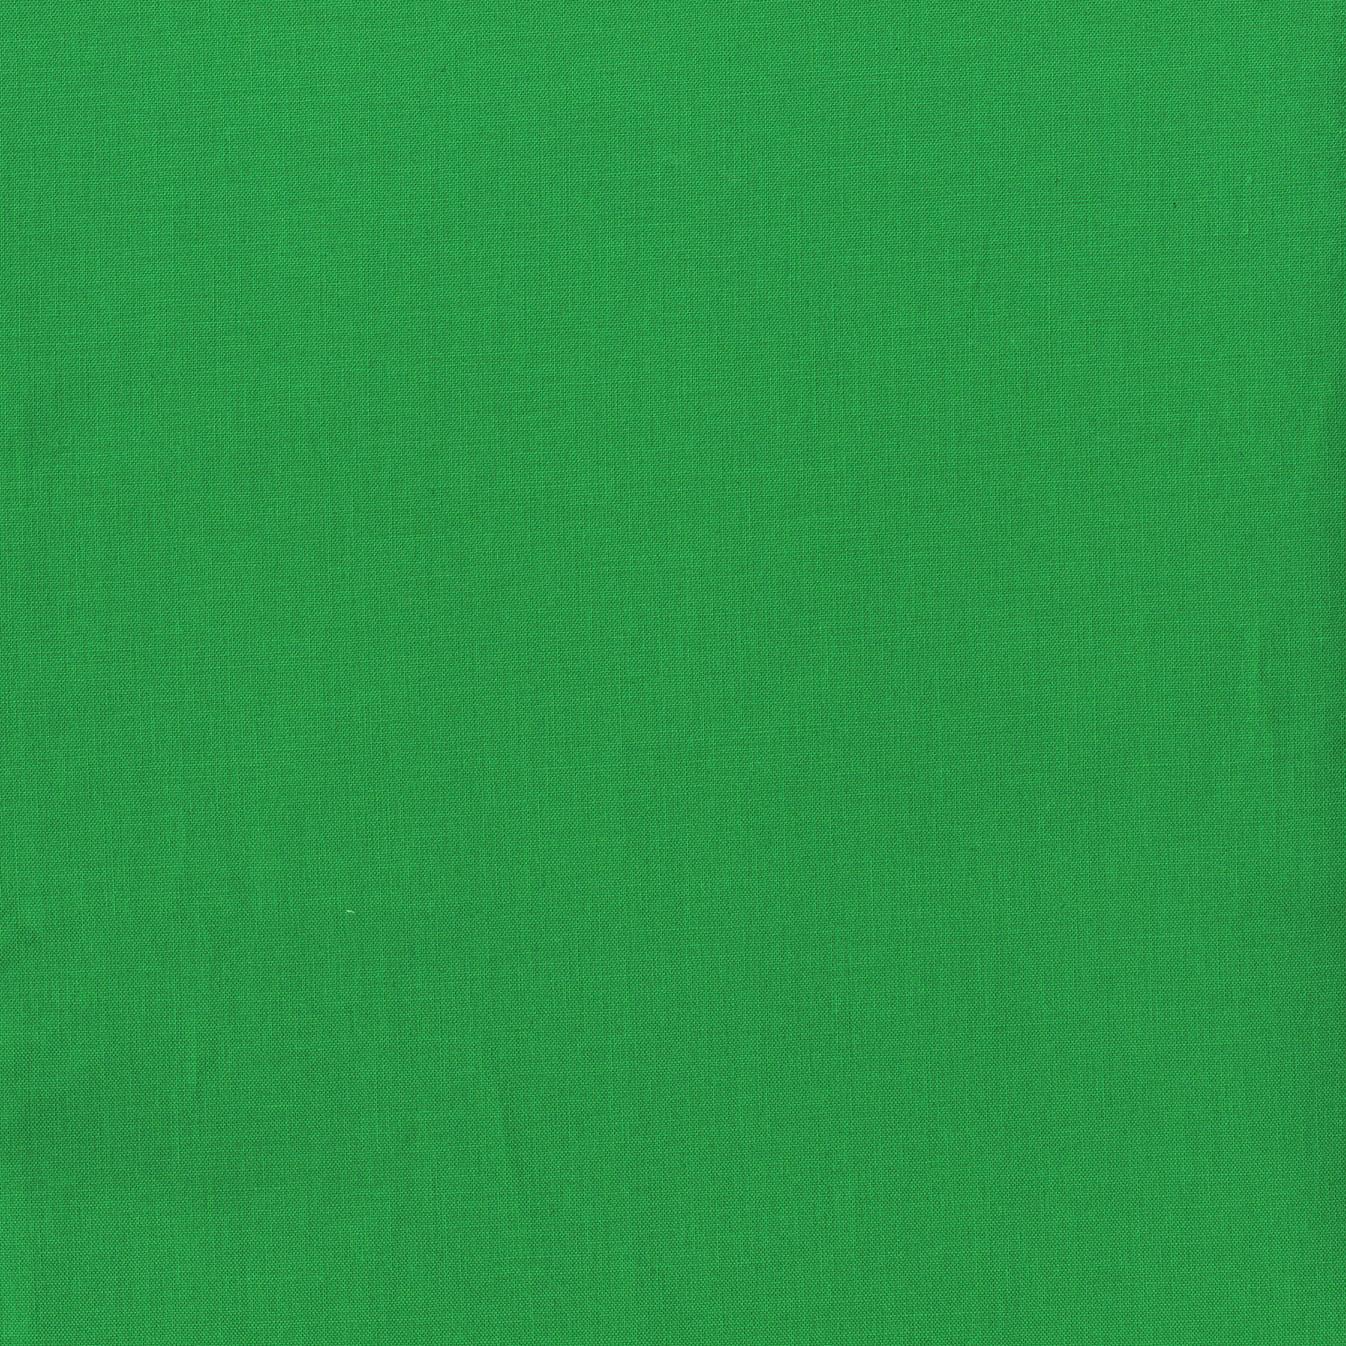 9617-406 LUCKY GREEN